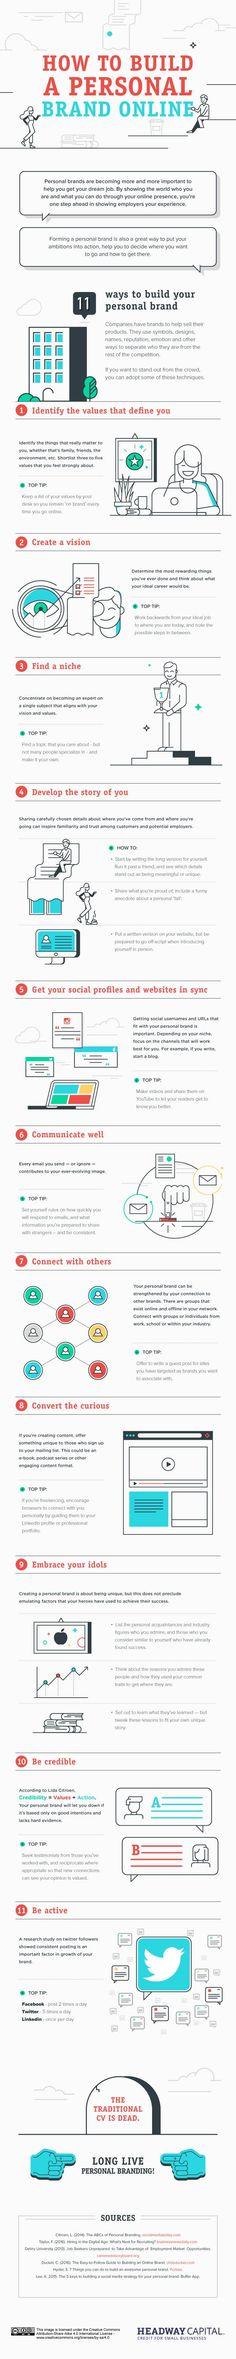 Infografía sobre Cómo construir una Marca Personal online. #SocialMedia #marketing